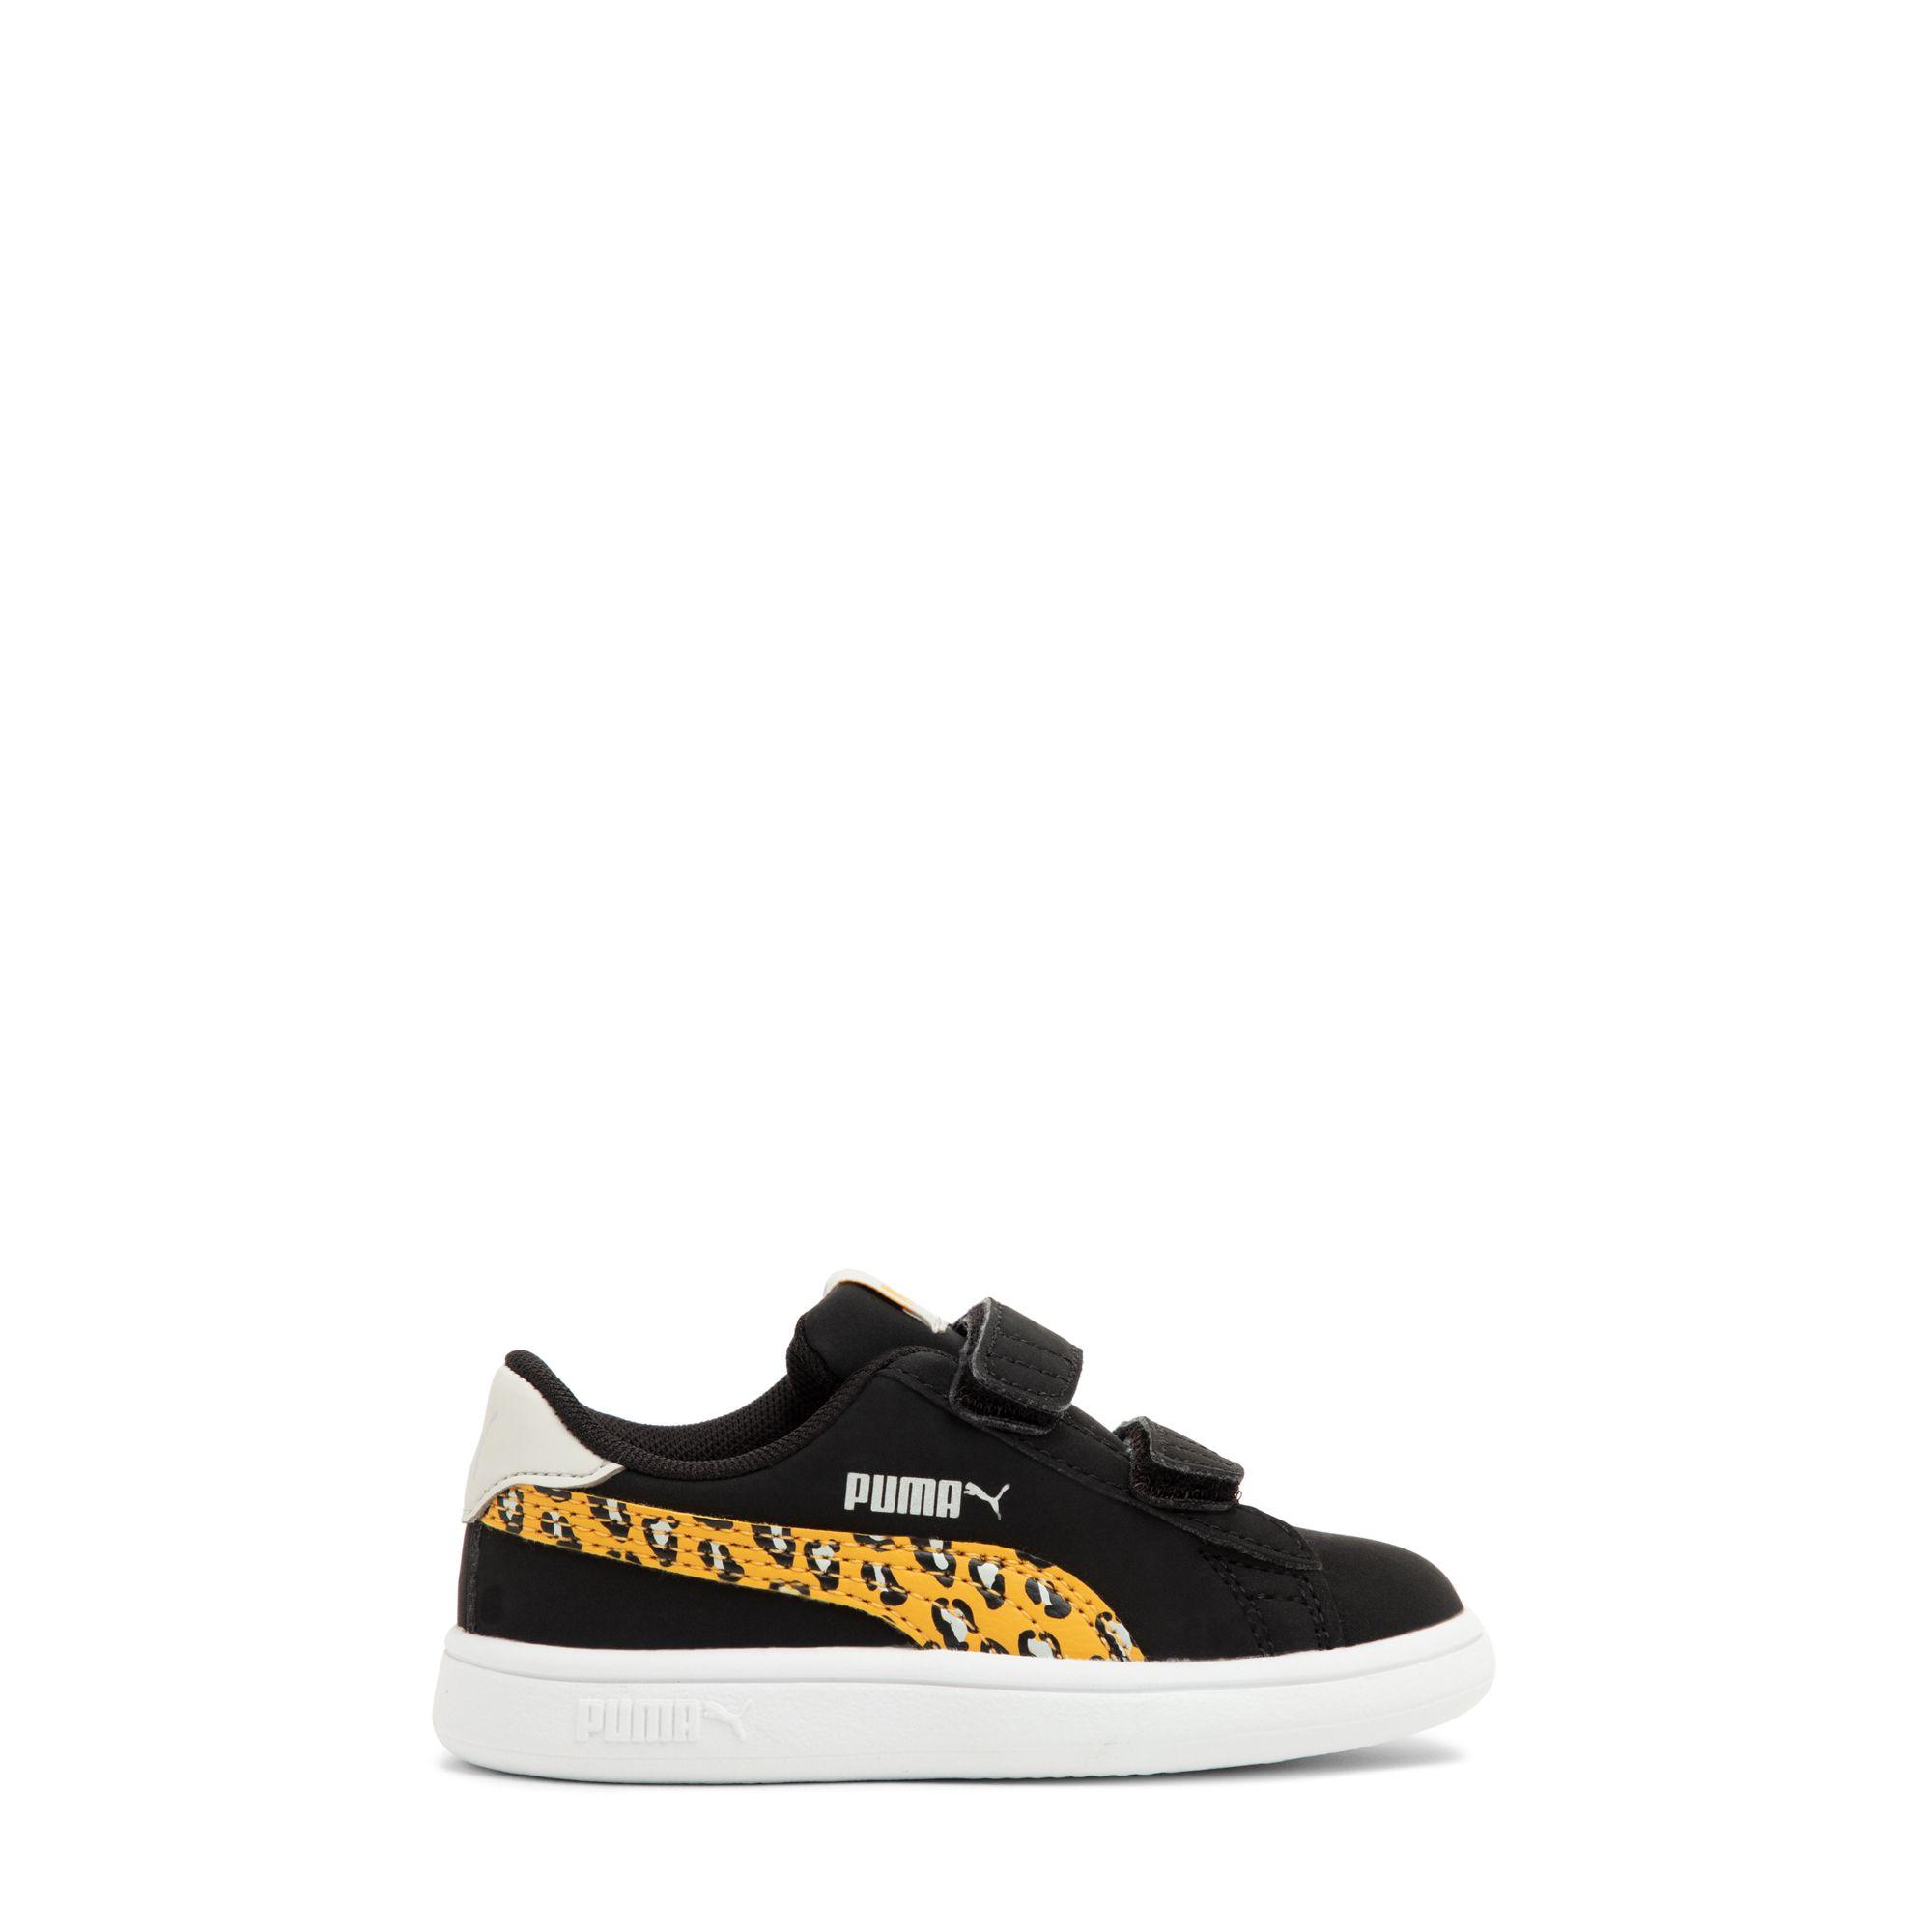 Smash v2 Roar Lil sneakers